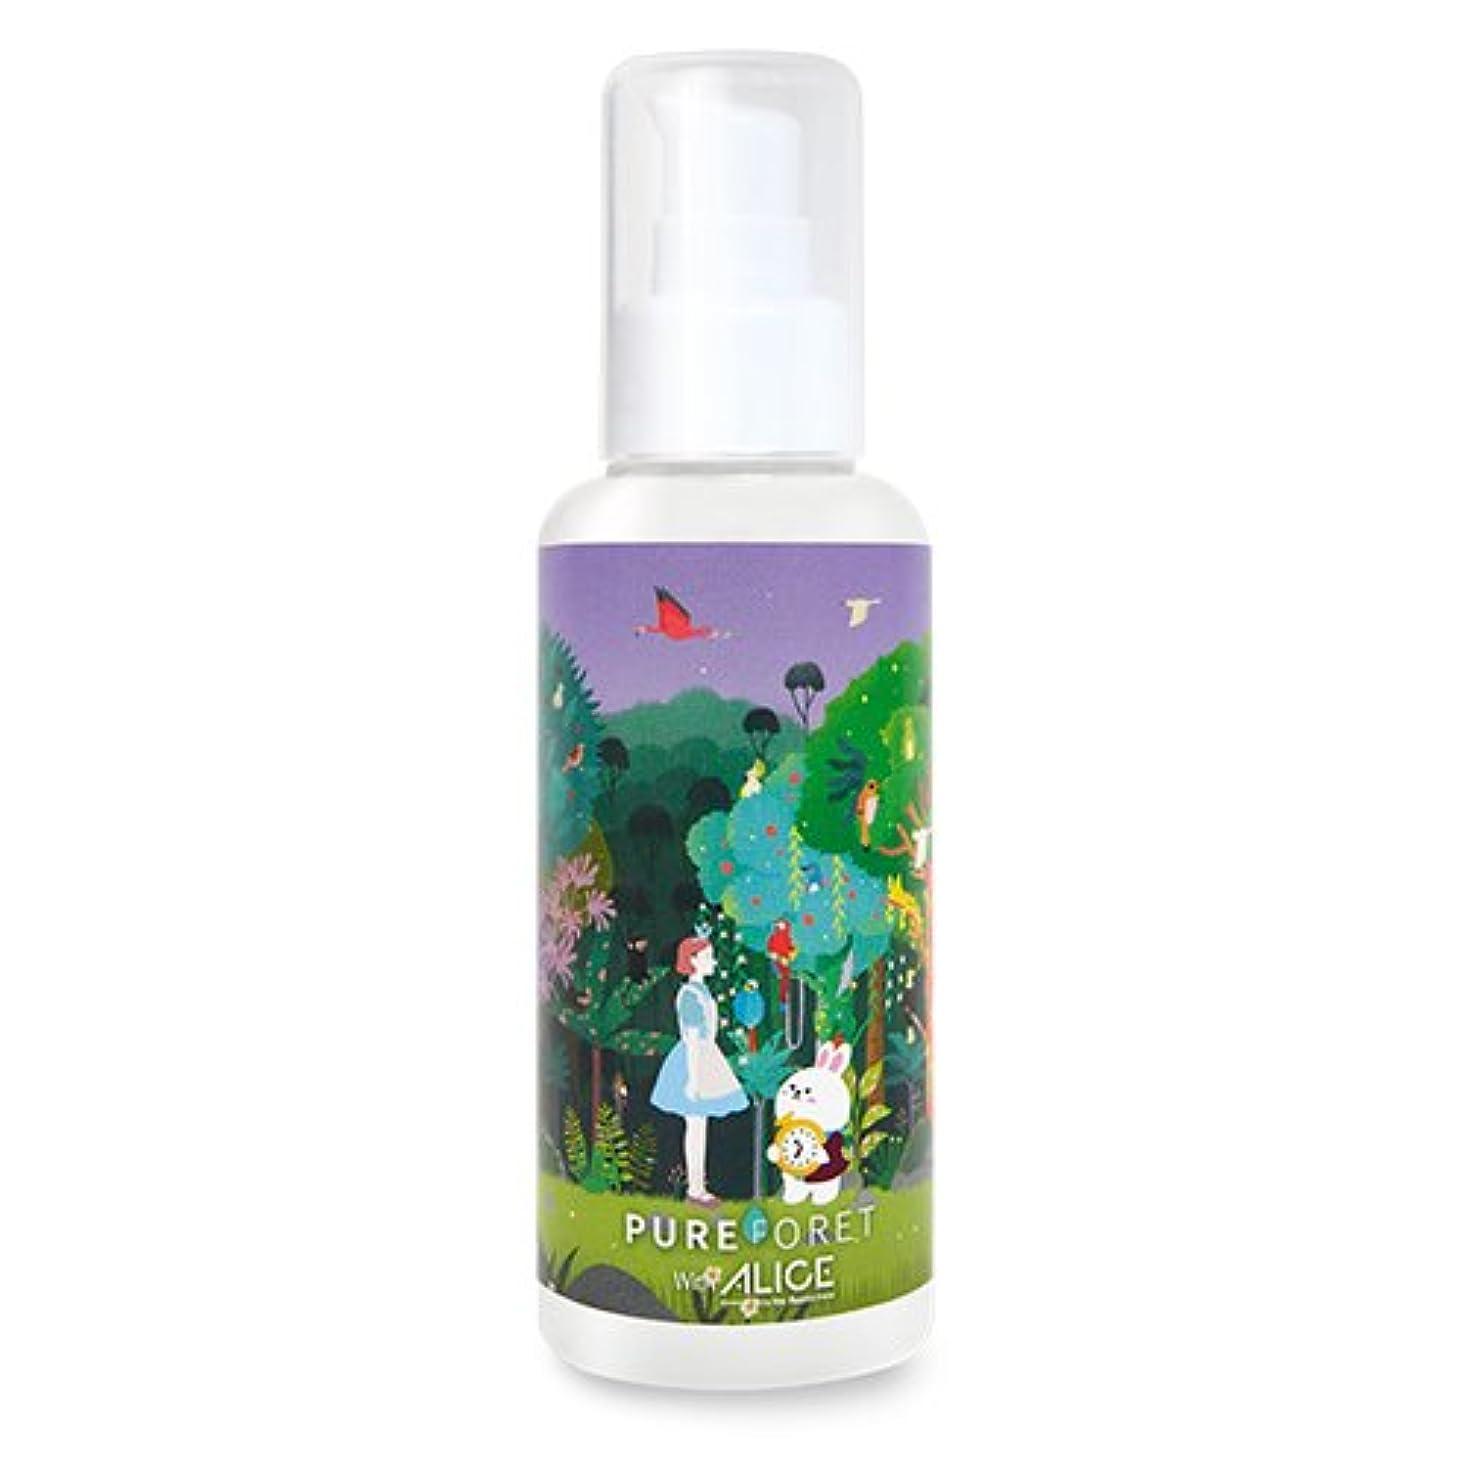 フレッシュピットジャム韓国産 Pureforet x Alice スキンリペアラビット ハイドレーティング 乳液. (150ml)